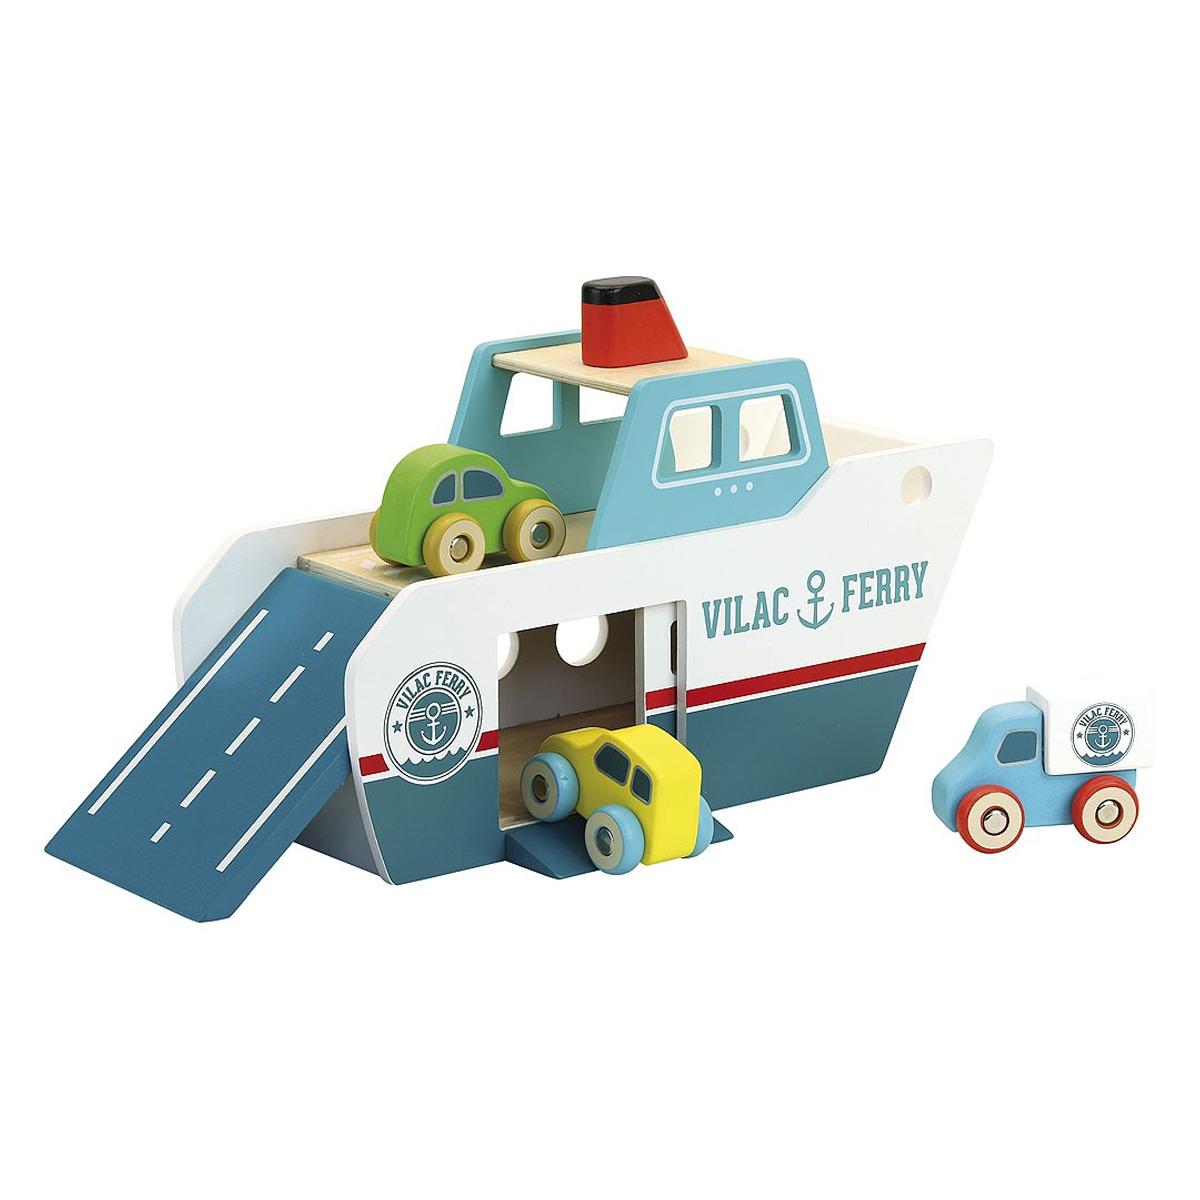 Mes premiers jouets Le Ferry Vilacity